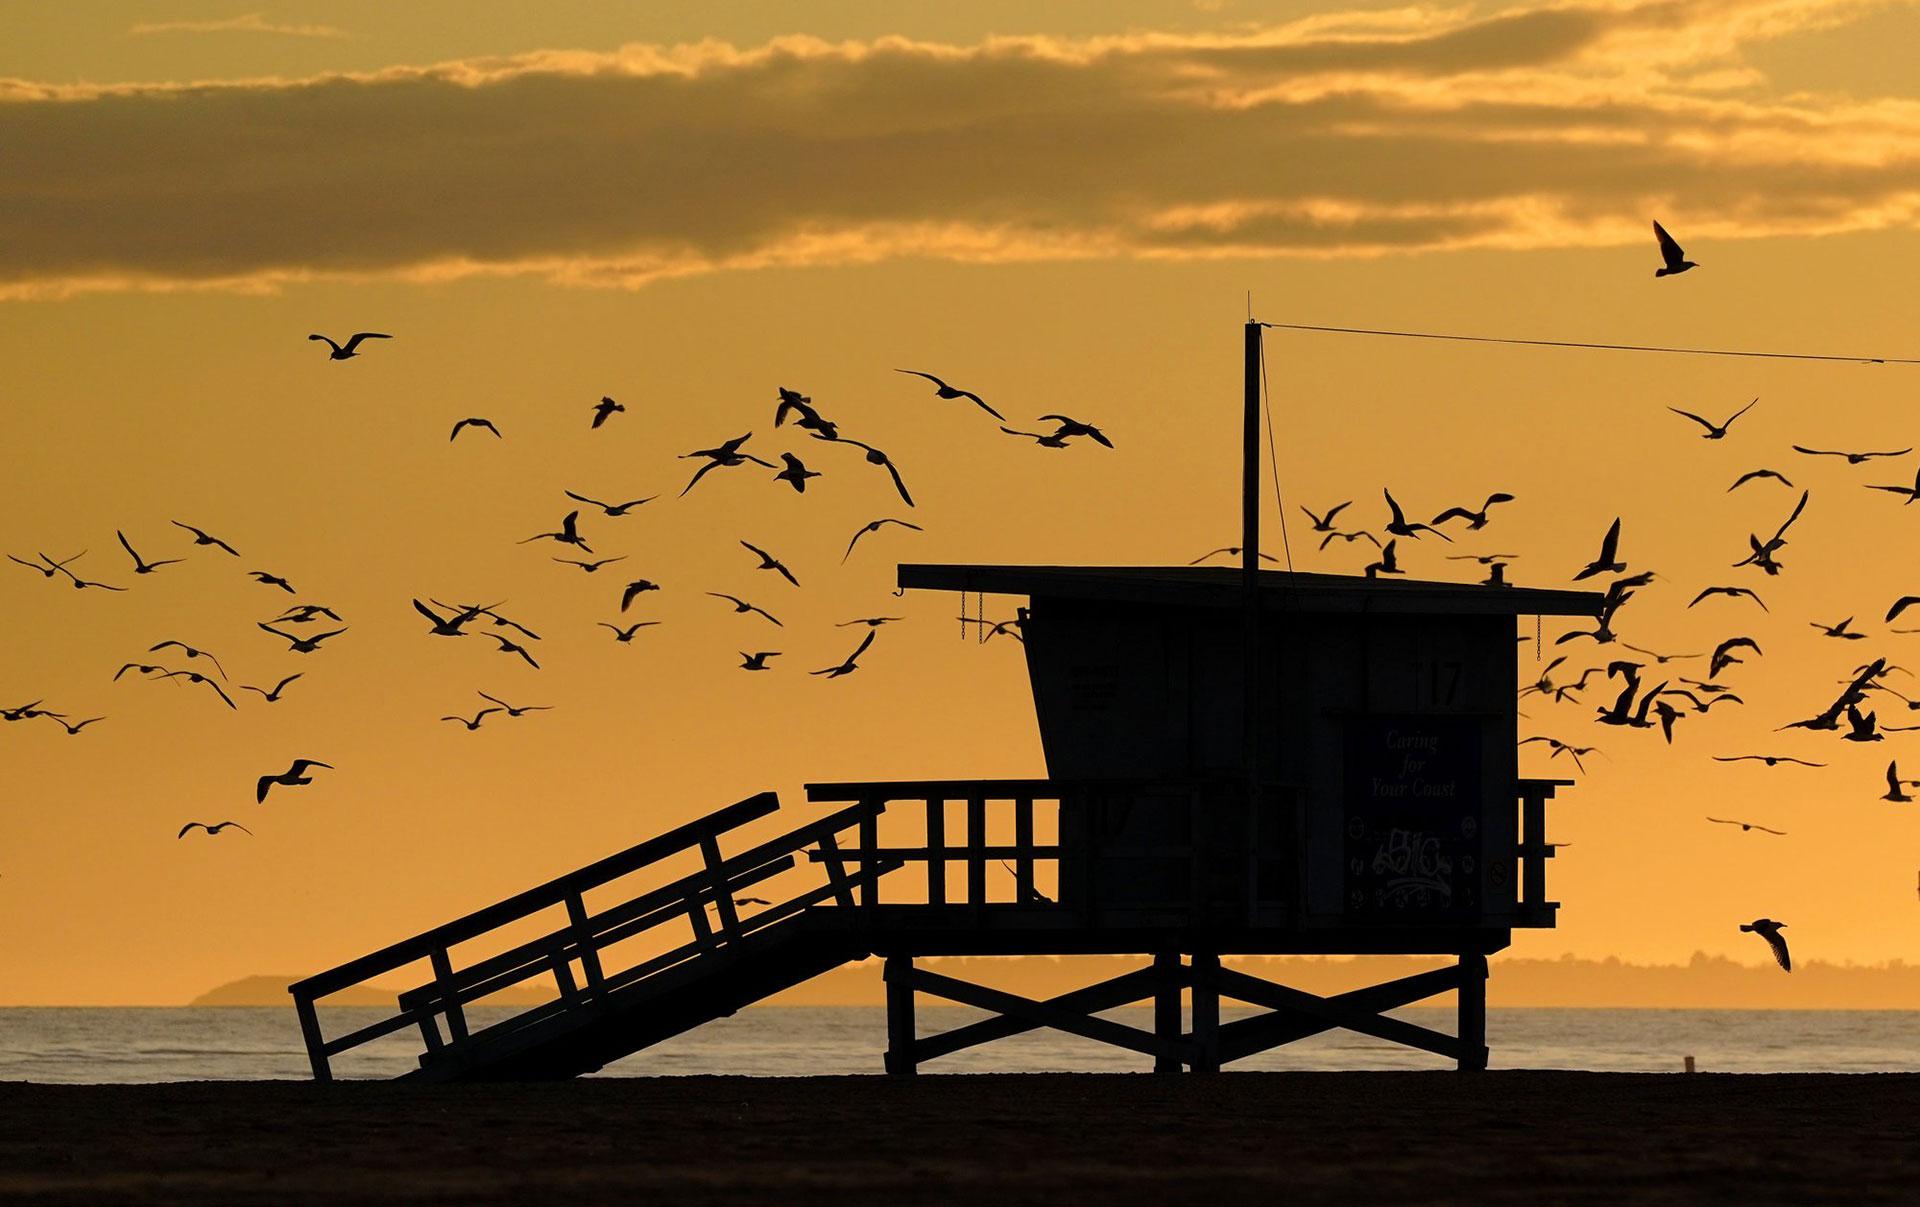 Las gaviotas vuelan alrededor de una estación de salvavidas vacía en Santa Monica, California, el viernes 10 de abril de 2020 (AP Photo / Mark J. Terrill)